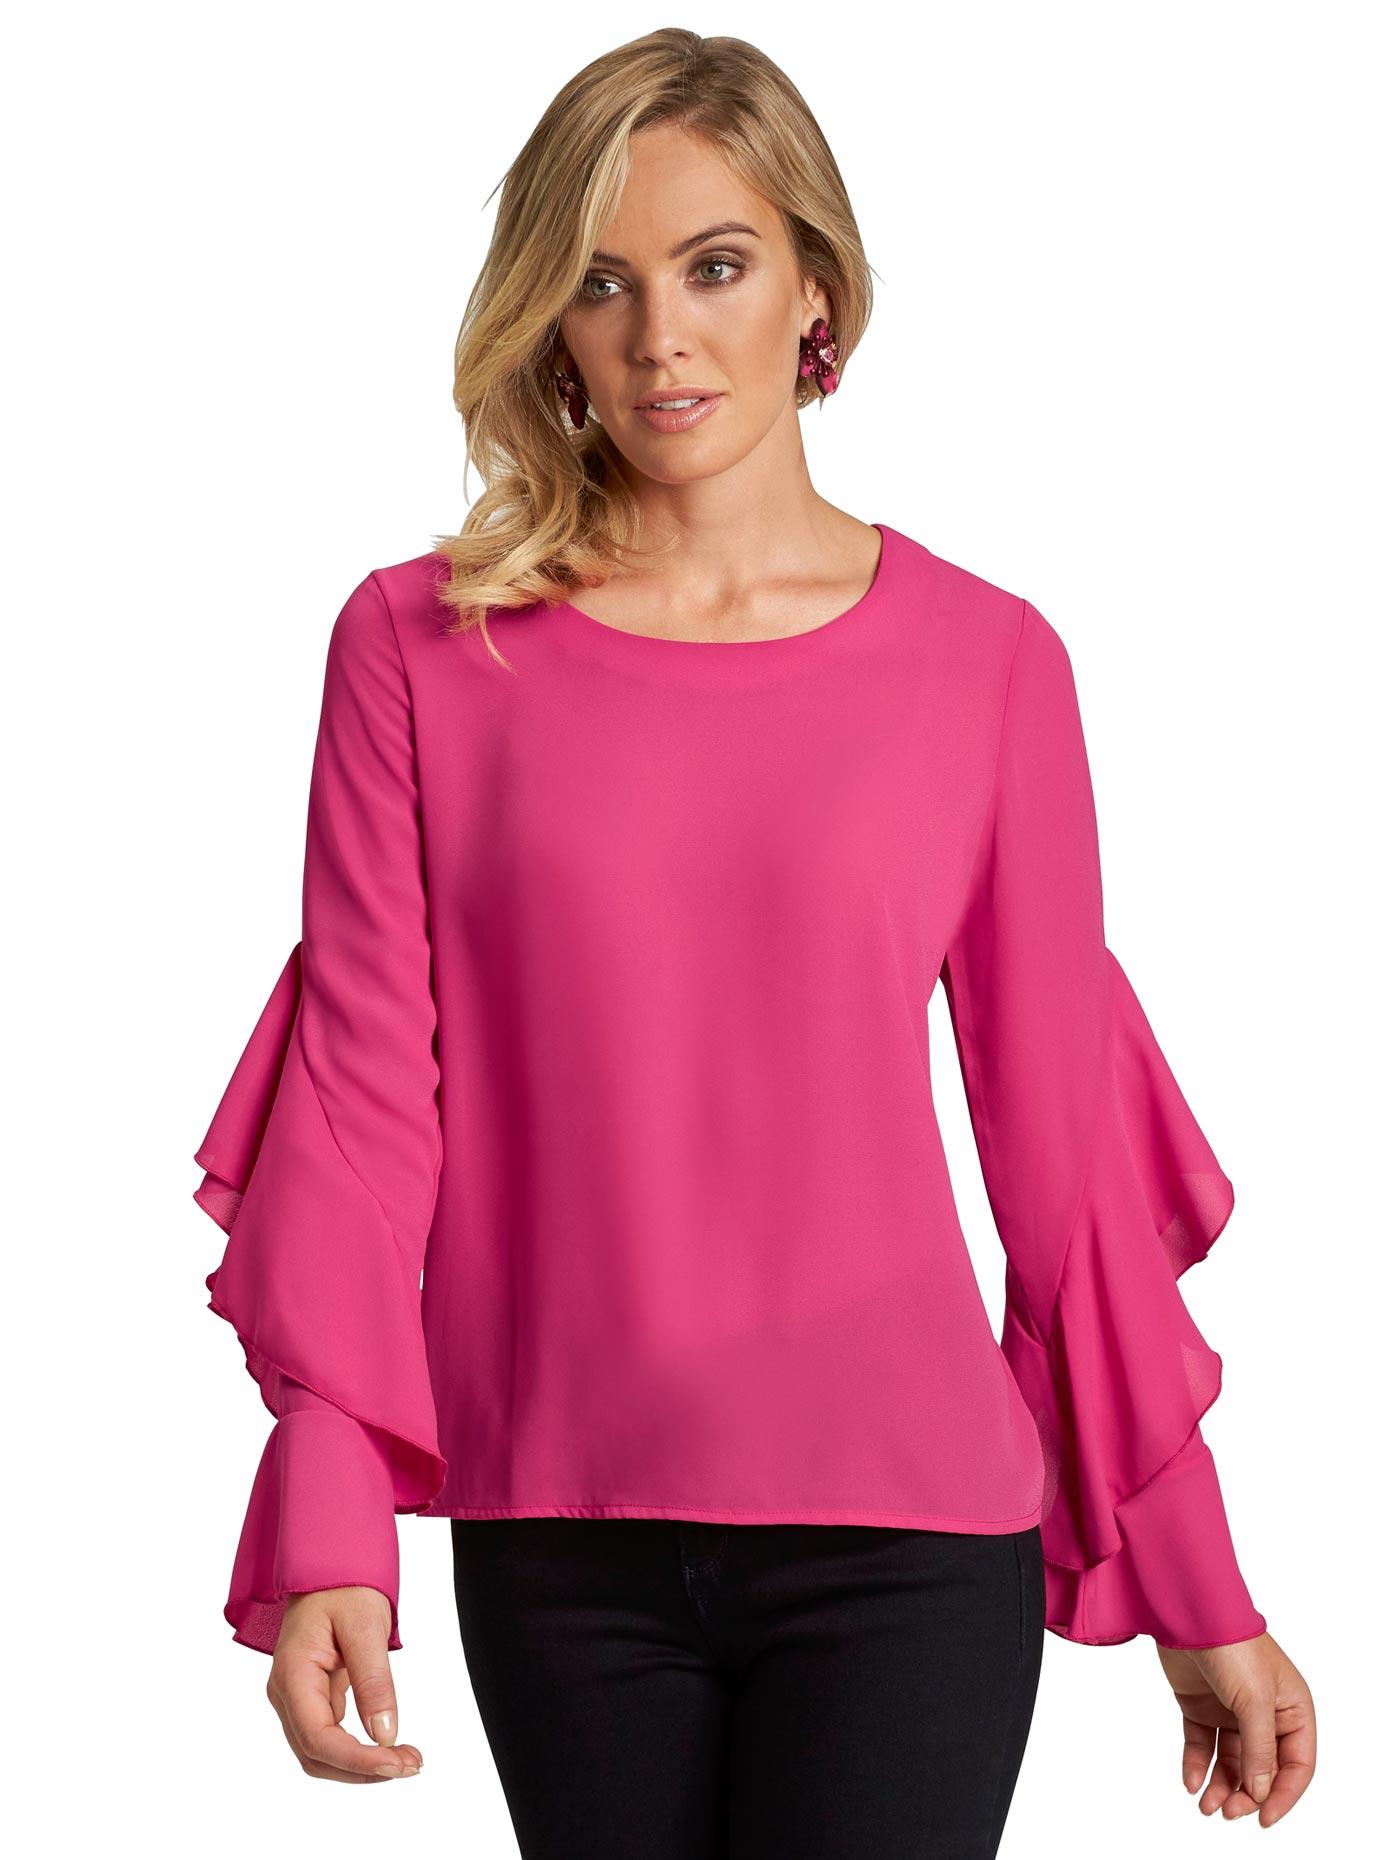 création L Bluse in strahlend schöner Farbgebung